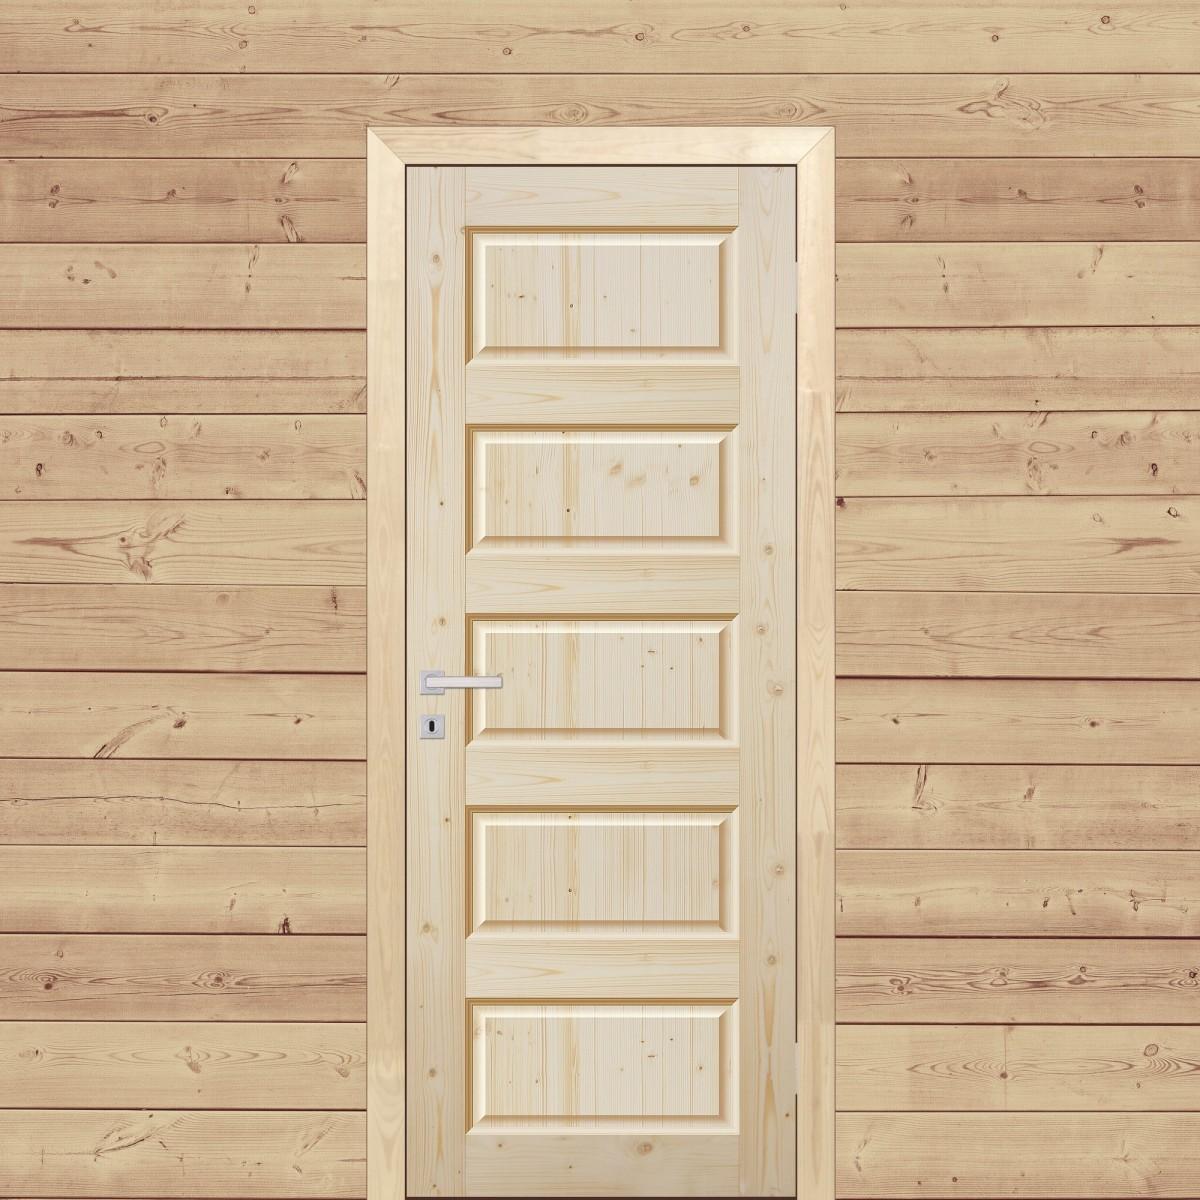 Дверь Межкомнатная Глухая 90x200 Пятифиленчатый Массив Хвои Цвет Натуральный